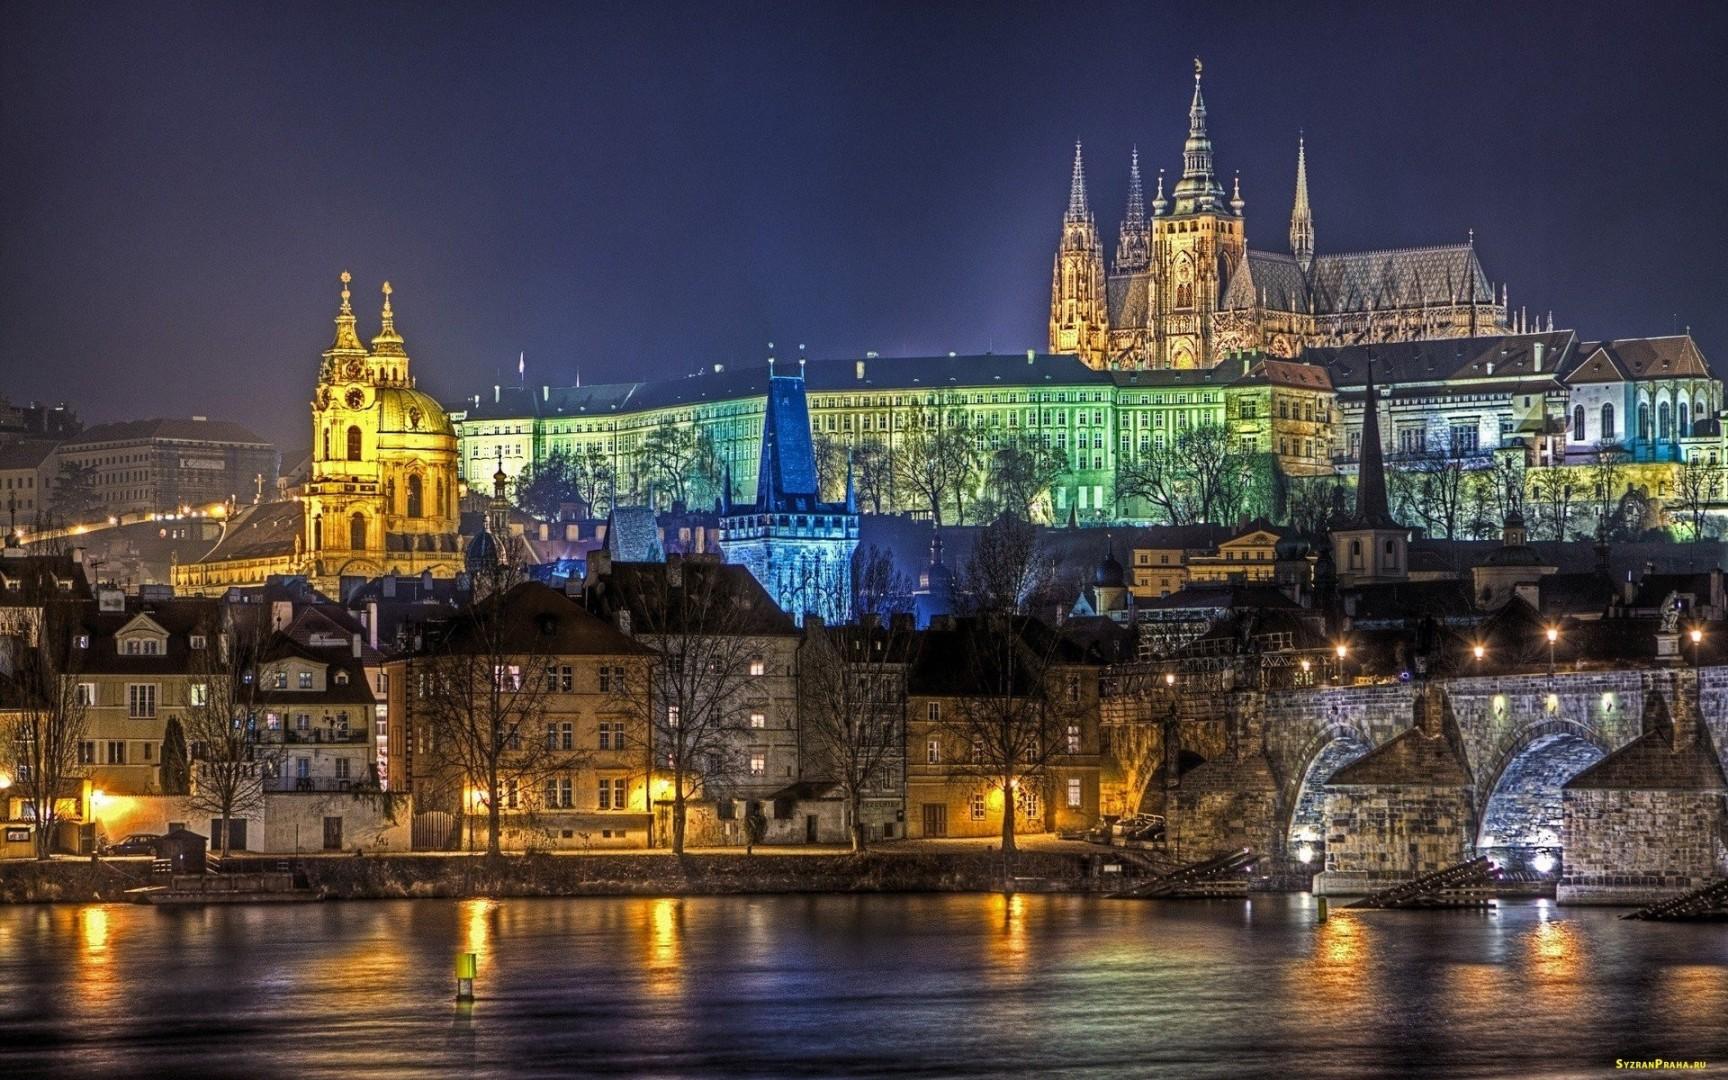 Krakiv-night-city